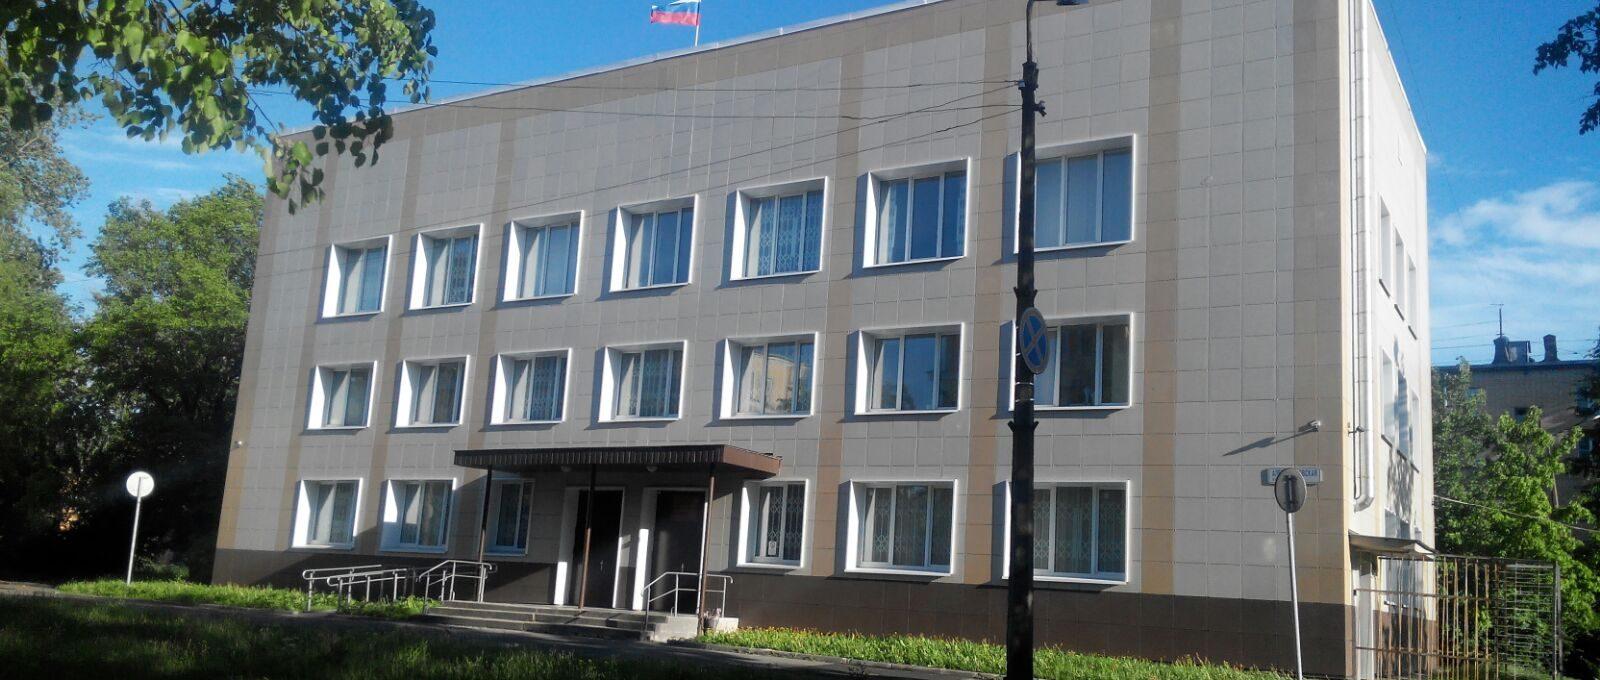 Ломоносовский районный суд Санкт-Петербурга